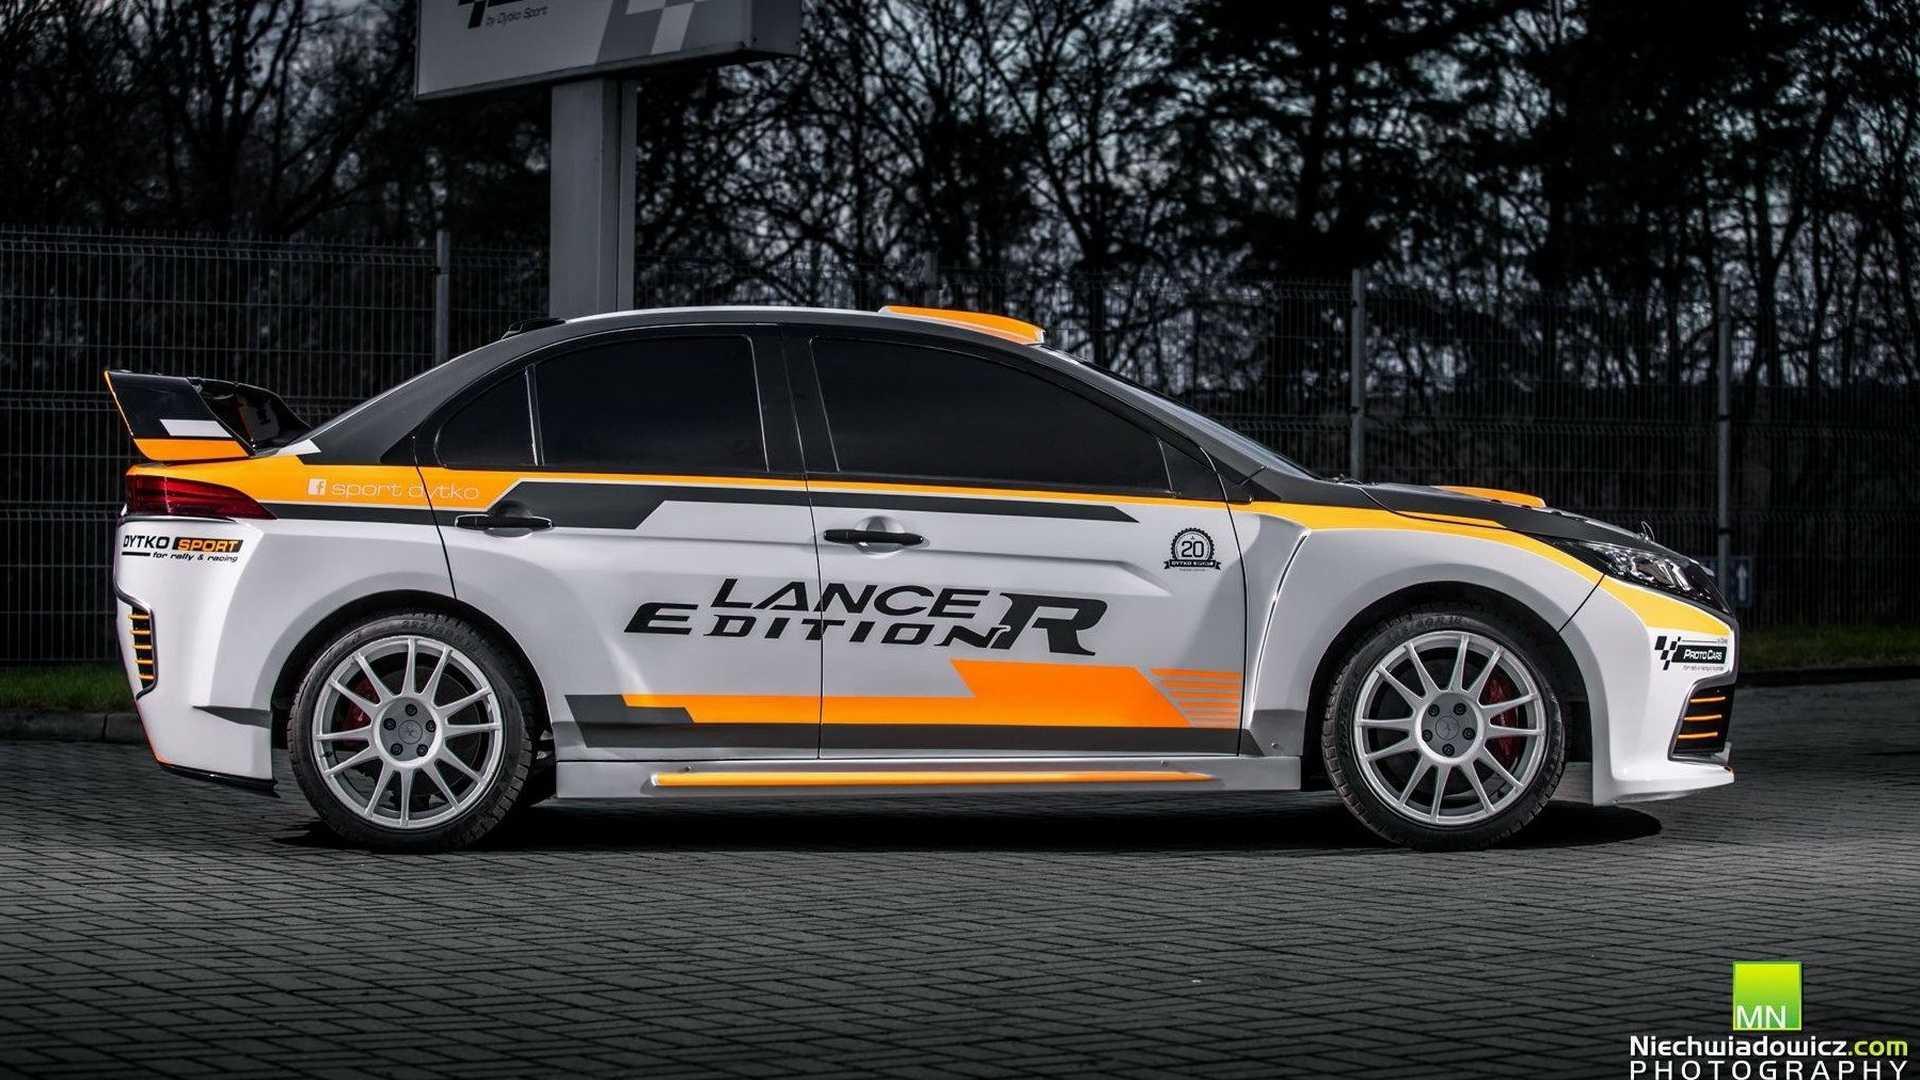 2020 Mitsubishi EVO XI Rumors